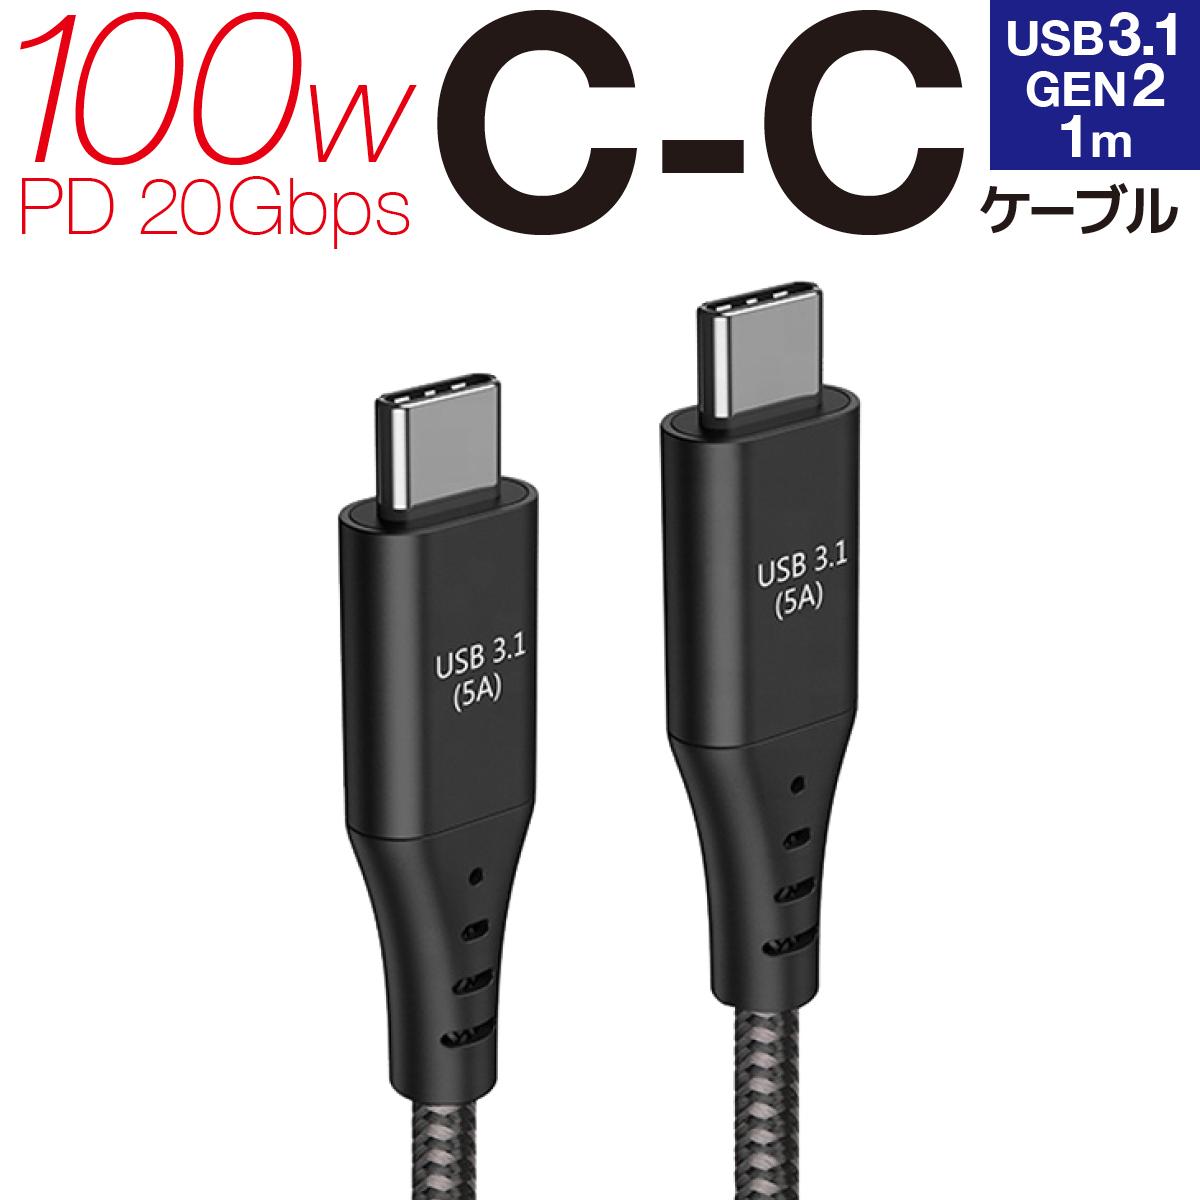 PD 対応 ガジェット好き納得の高性能 USB C to USB Cケーブル Thunderboltを除けば最高速 転送速度は最高20Gb/秒 急速充電は100W/5A対応の断線しにくいUSB-Cケーブル pd ケーブル type-c usb type-c to type c 充電ケーブル USB3.1 Gen2 USBC Type-C 充電ケーブル タイプcケーブル 高速 データ転送 eMarker内臓 4K 60Hz 映像出力 iPadPro iPad Air アンドロイド Android Xpe